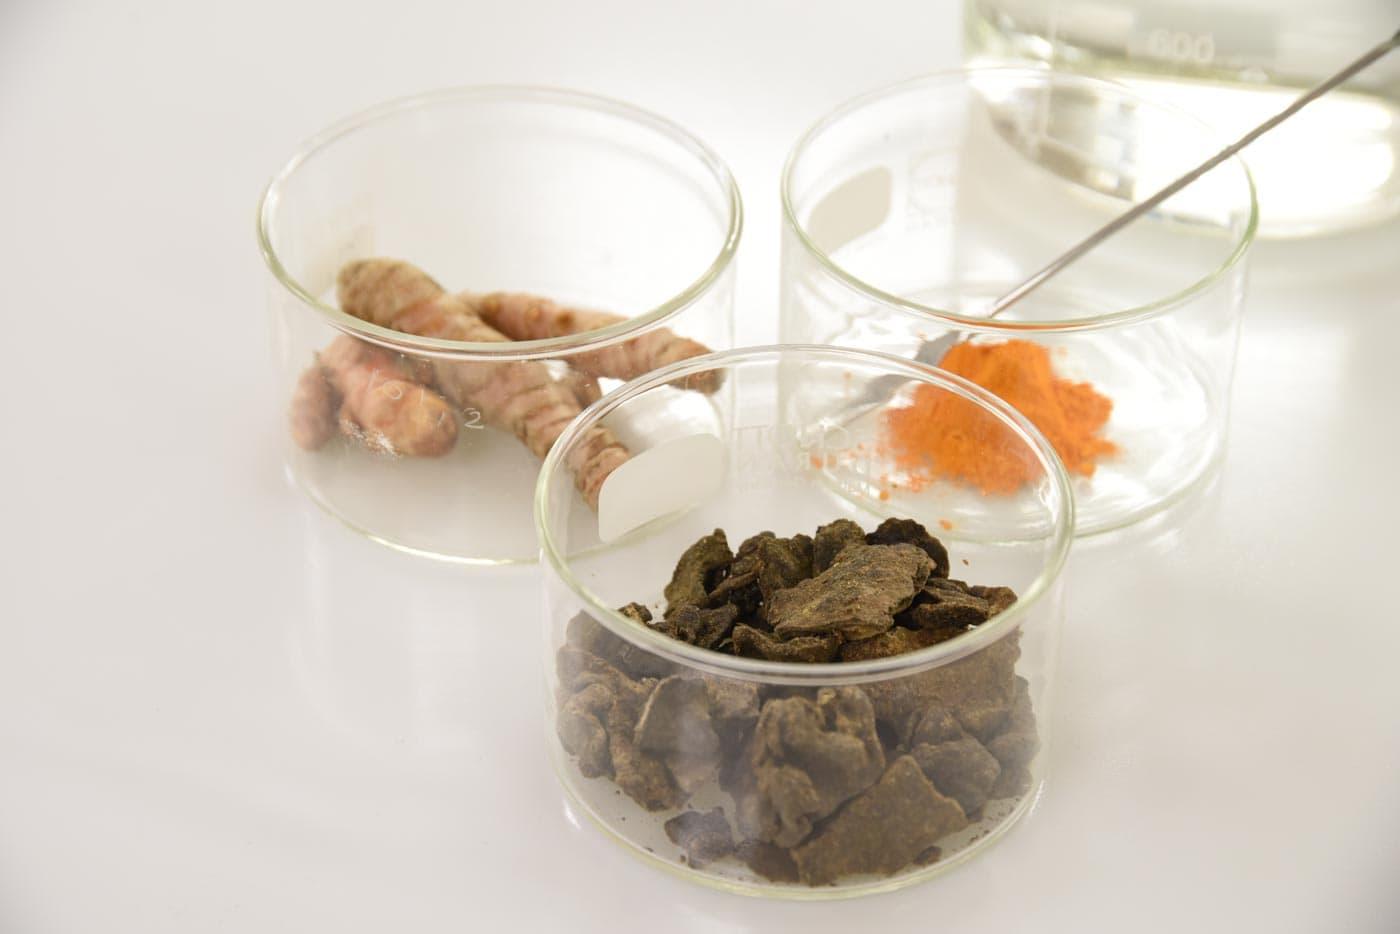 HIMBEER testet: Natürliche Energie-Getränke von INJU: Balance Zutaten // HIMBEER